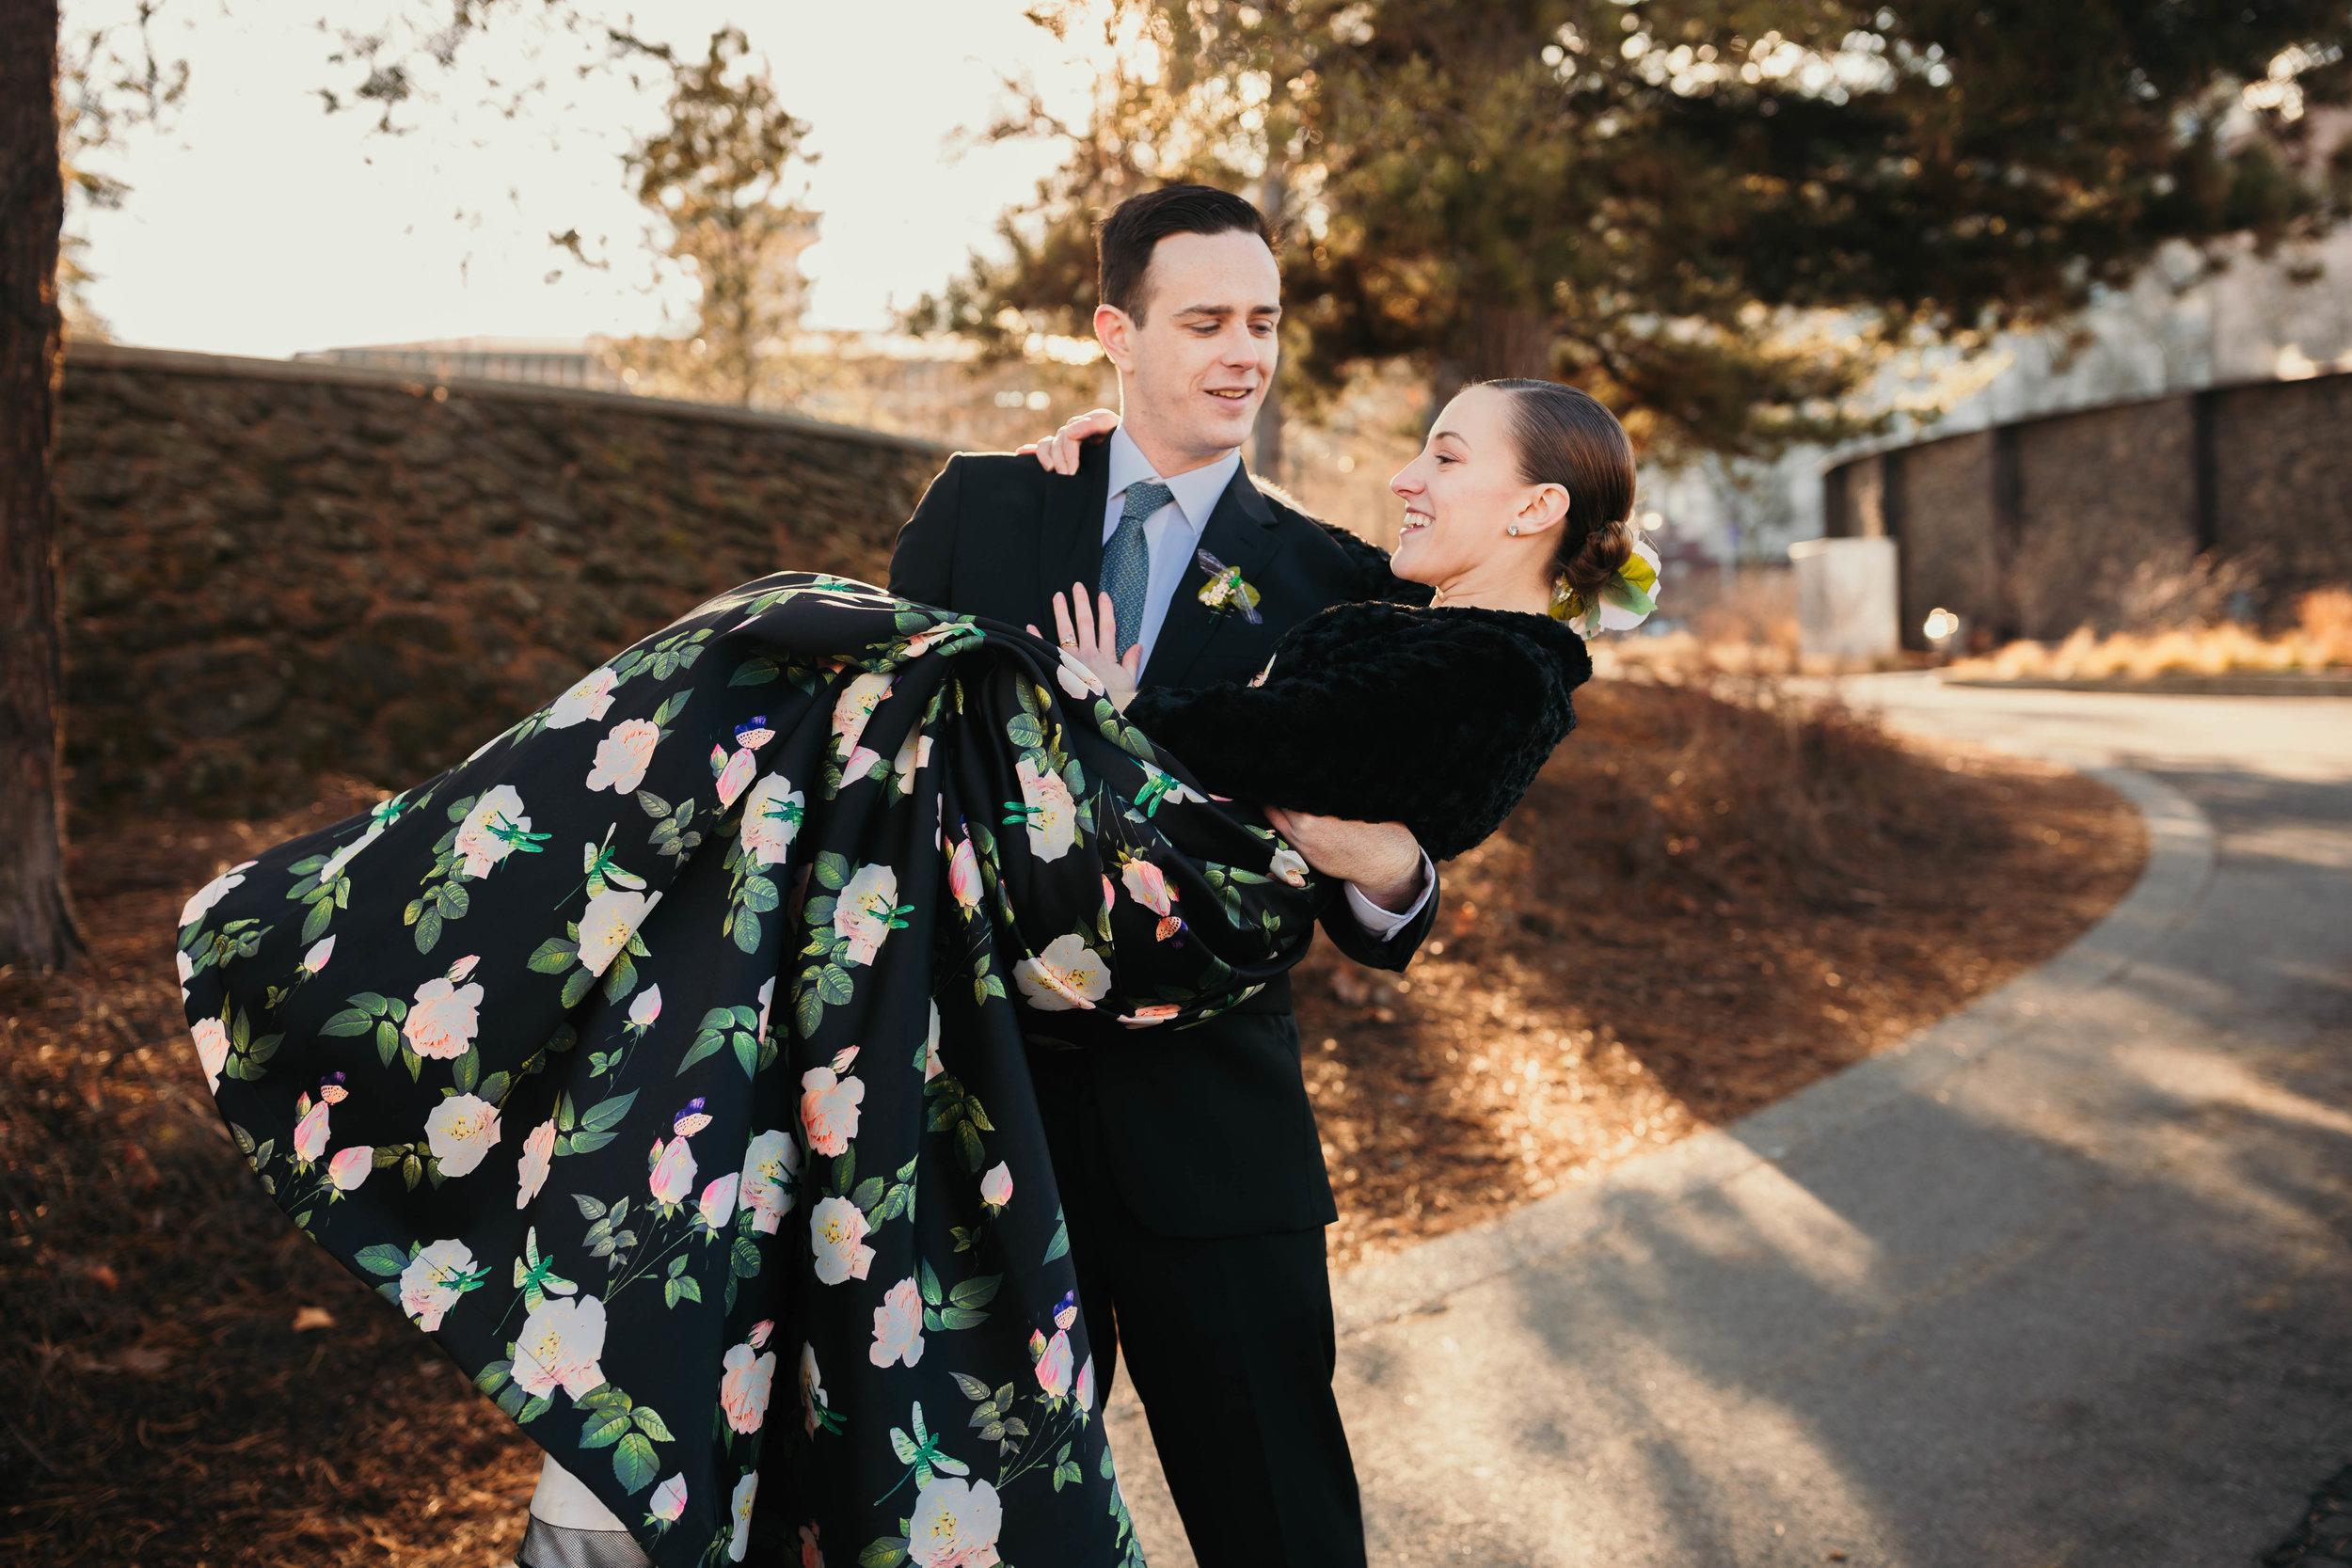 izzy+jacob-weddingsneakpeekblog-80.jpg